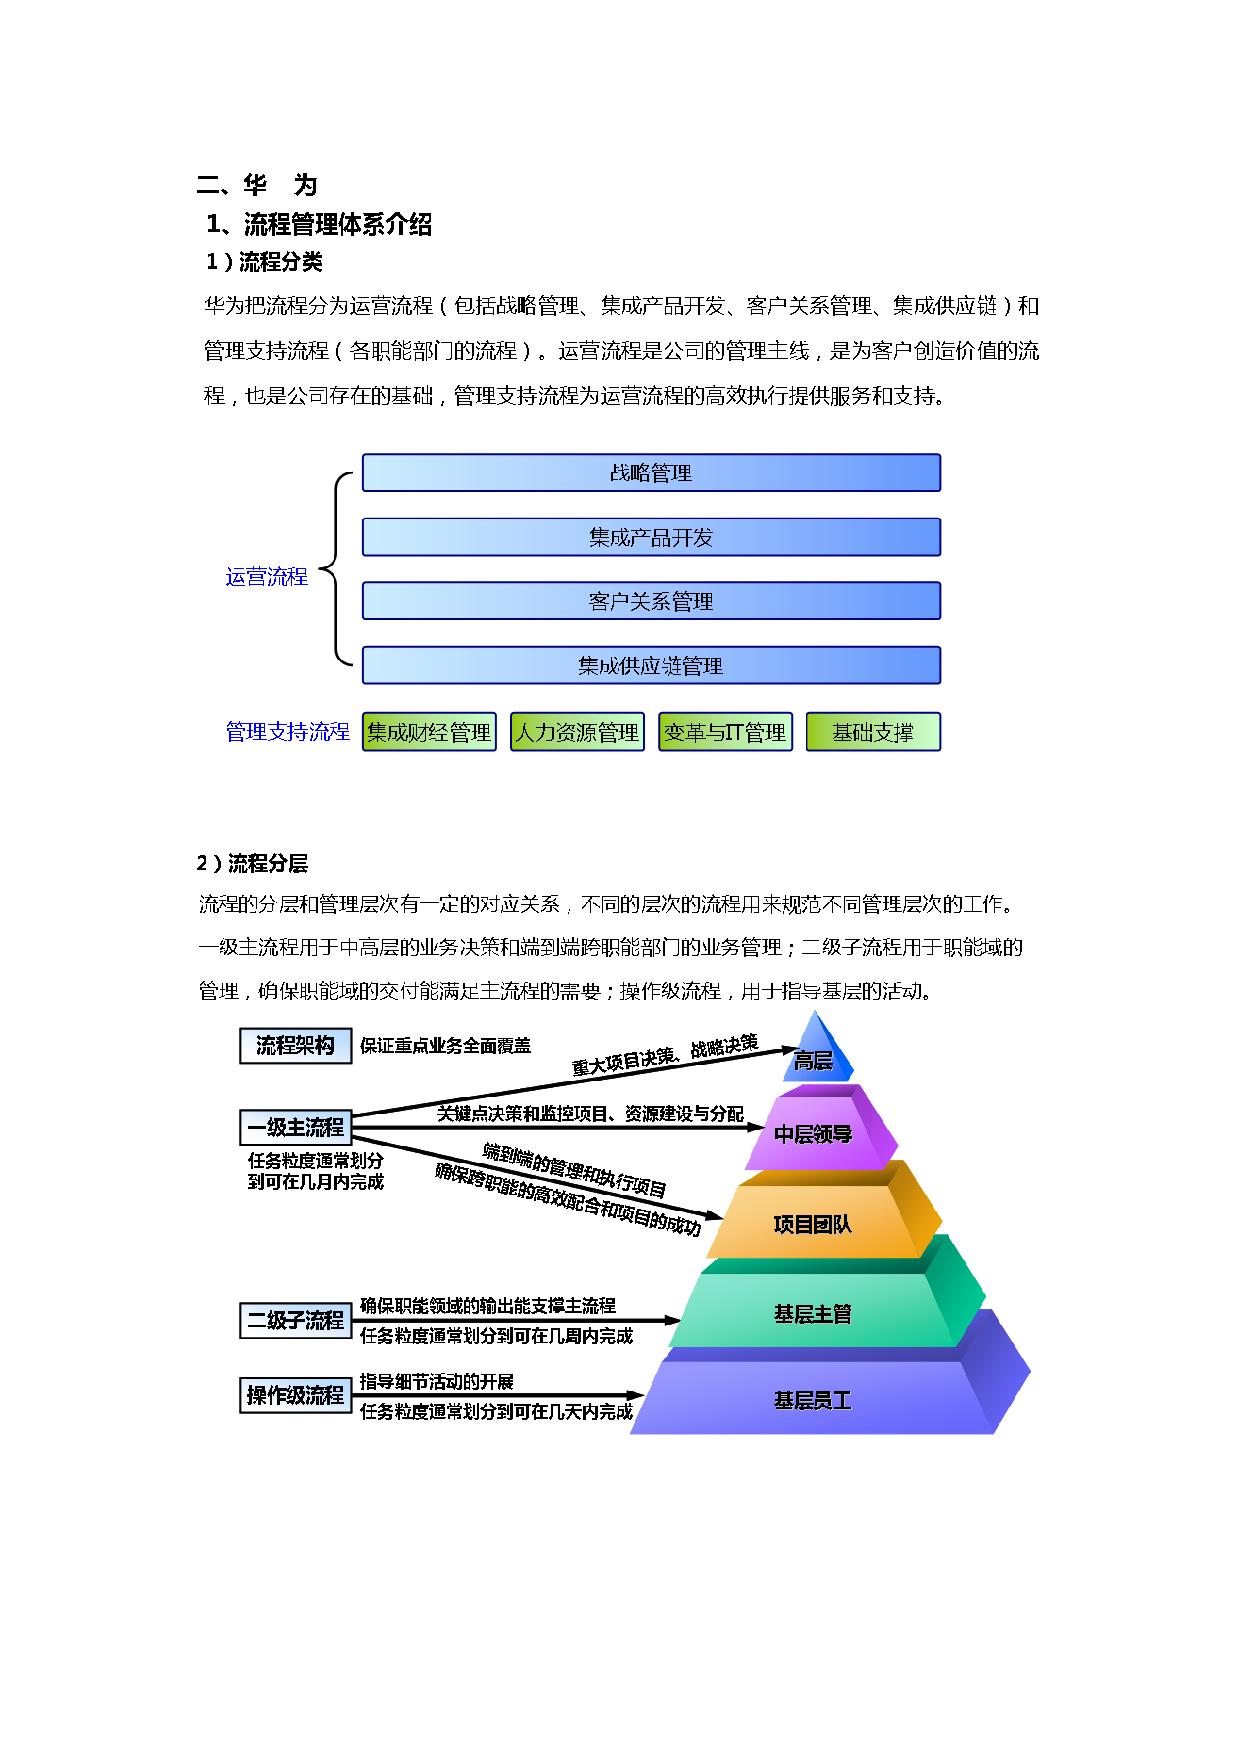 祝国能-华为流程管理体系介绍